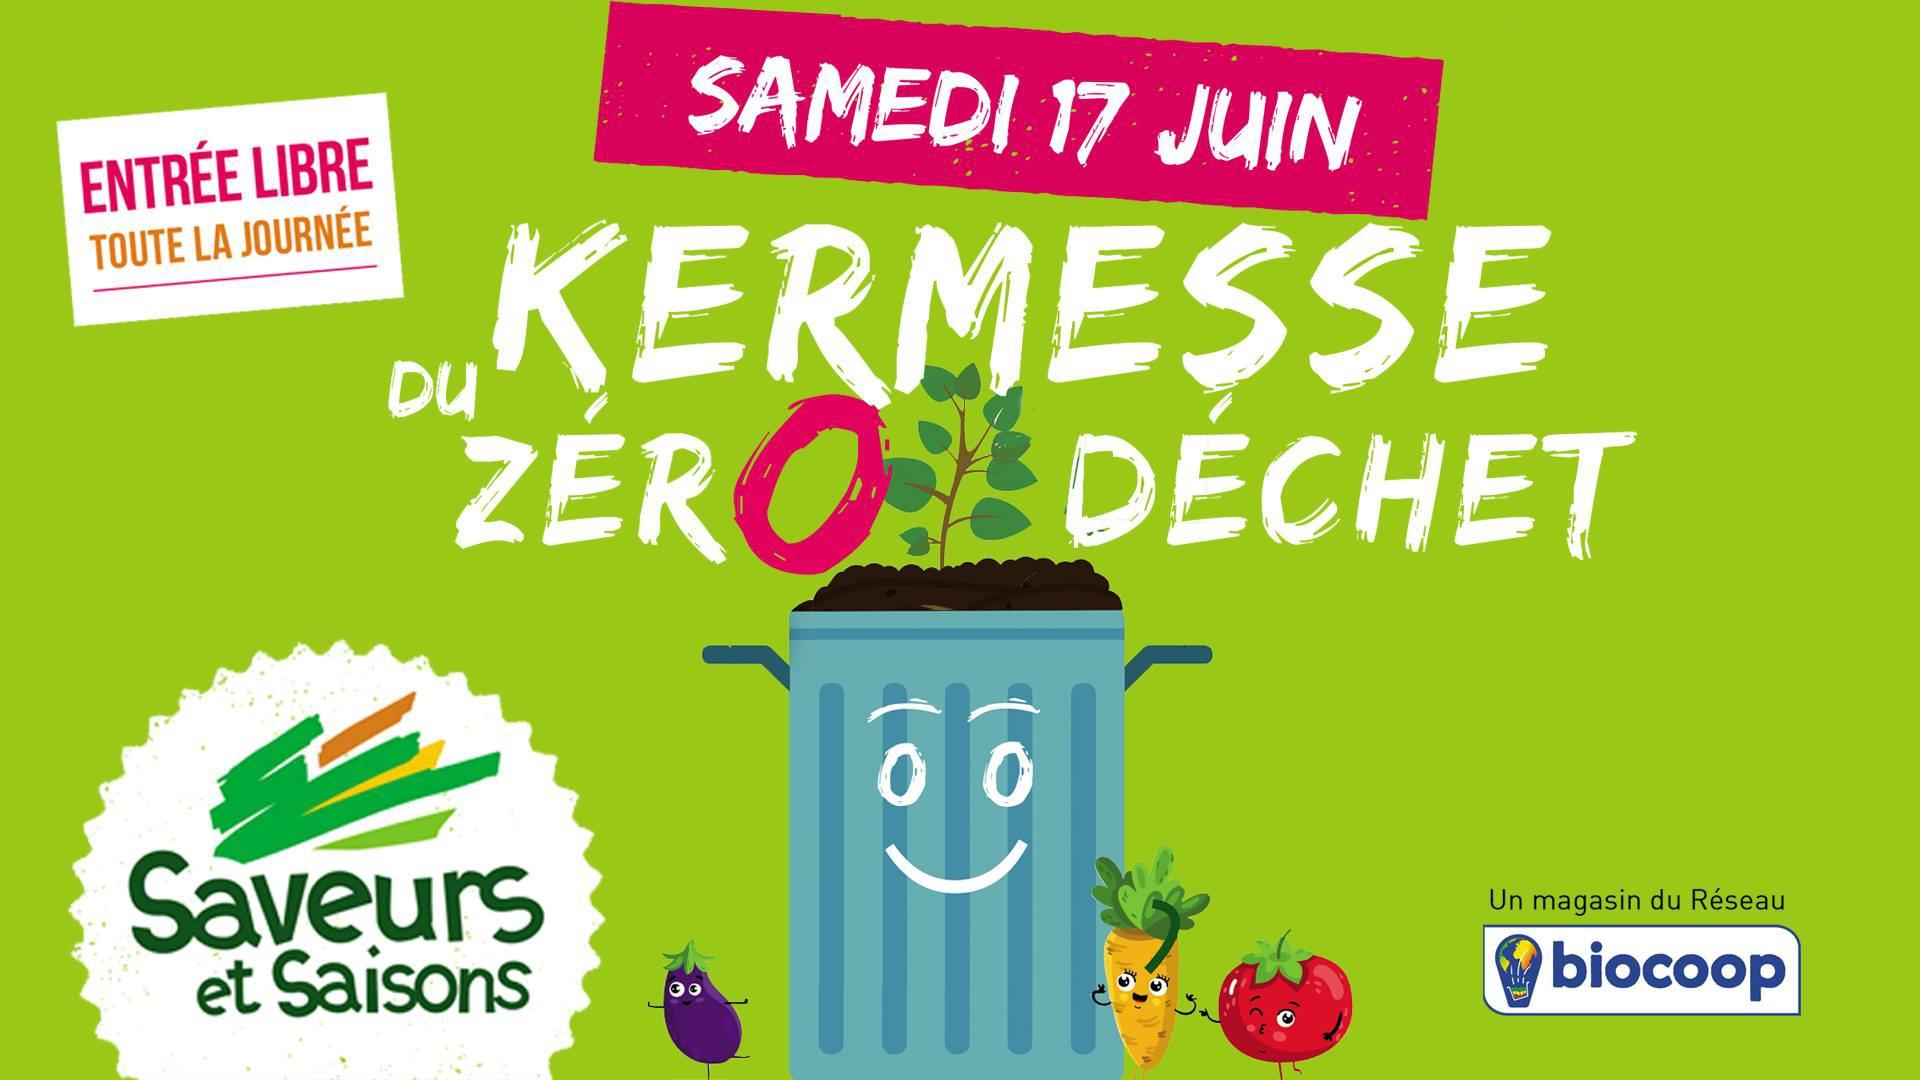 Kermesse du Zéro Déchet, Saveurs et Saison à Villeneuved'ascq